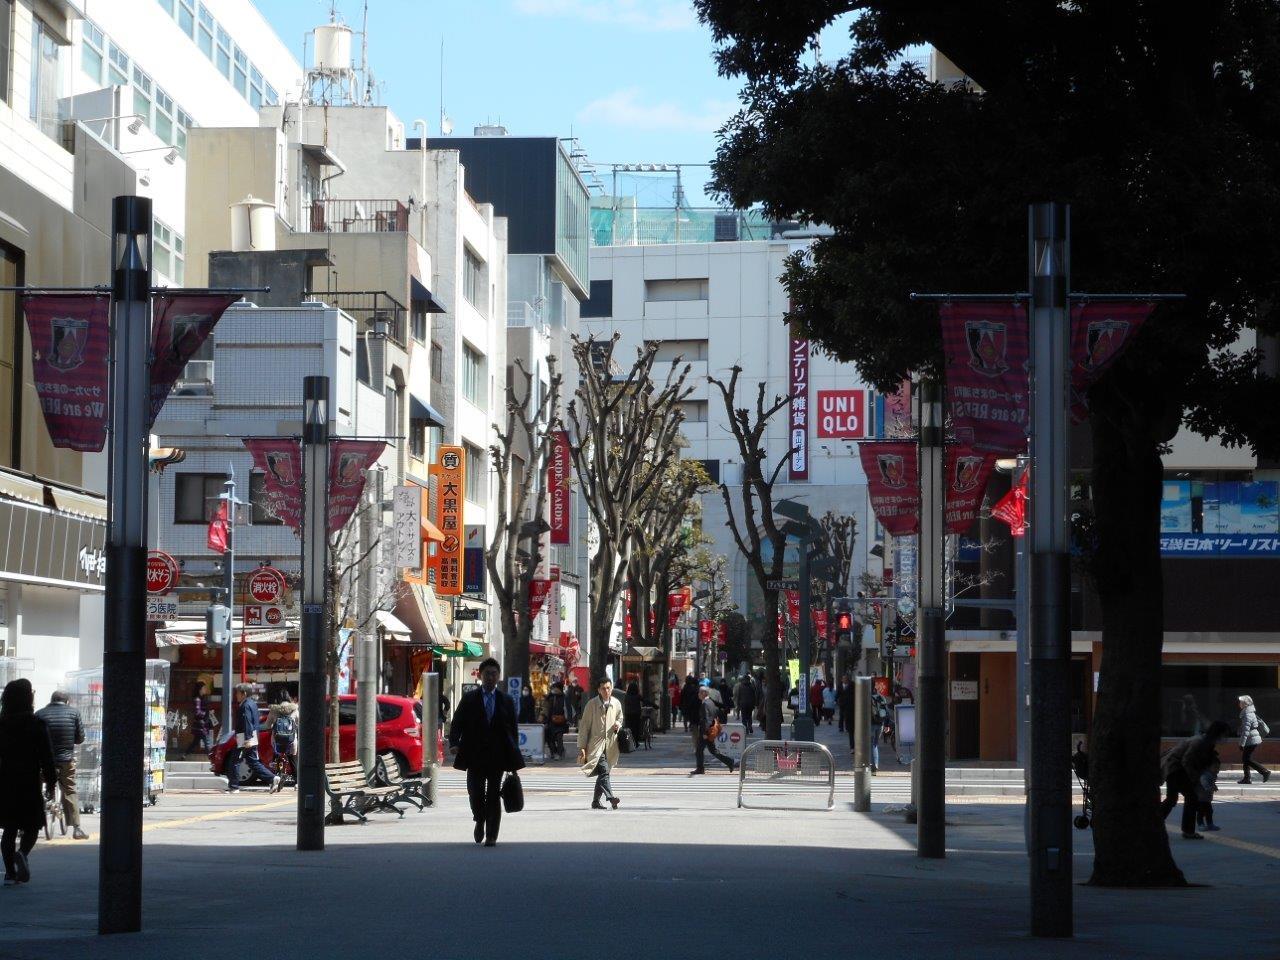 旧中山道を越え、浦和駅方面を振り返るとこんな感じです。